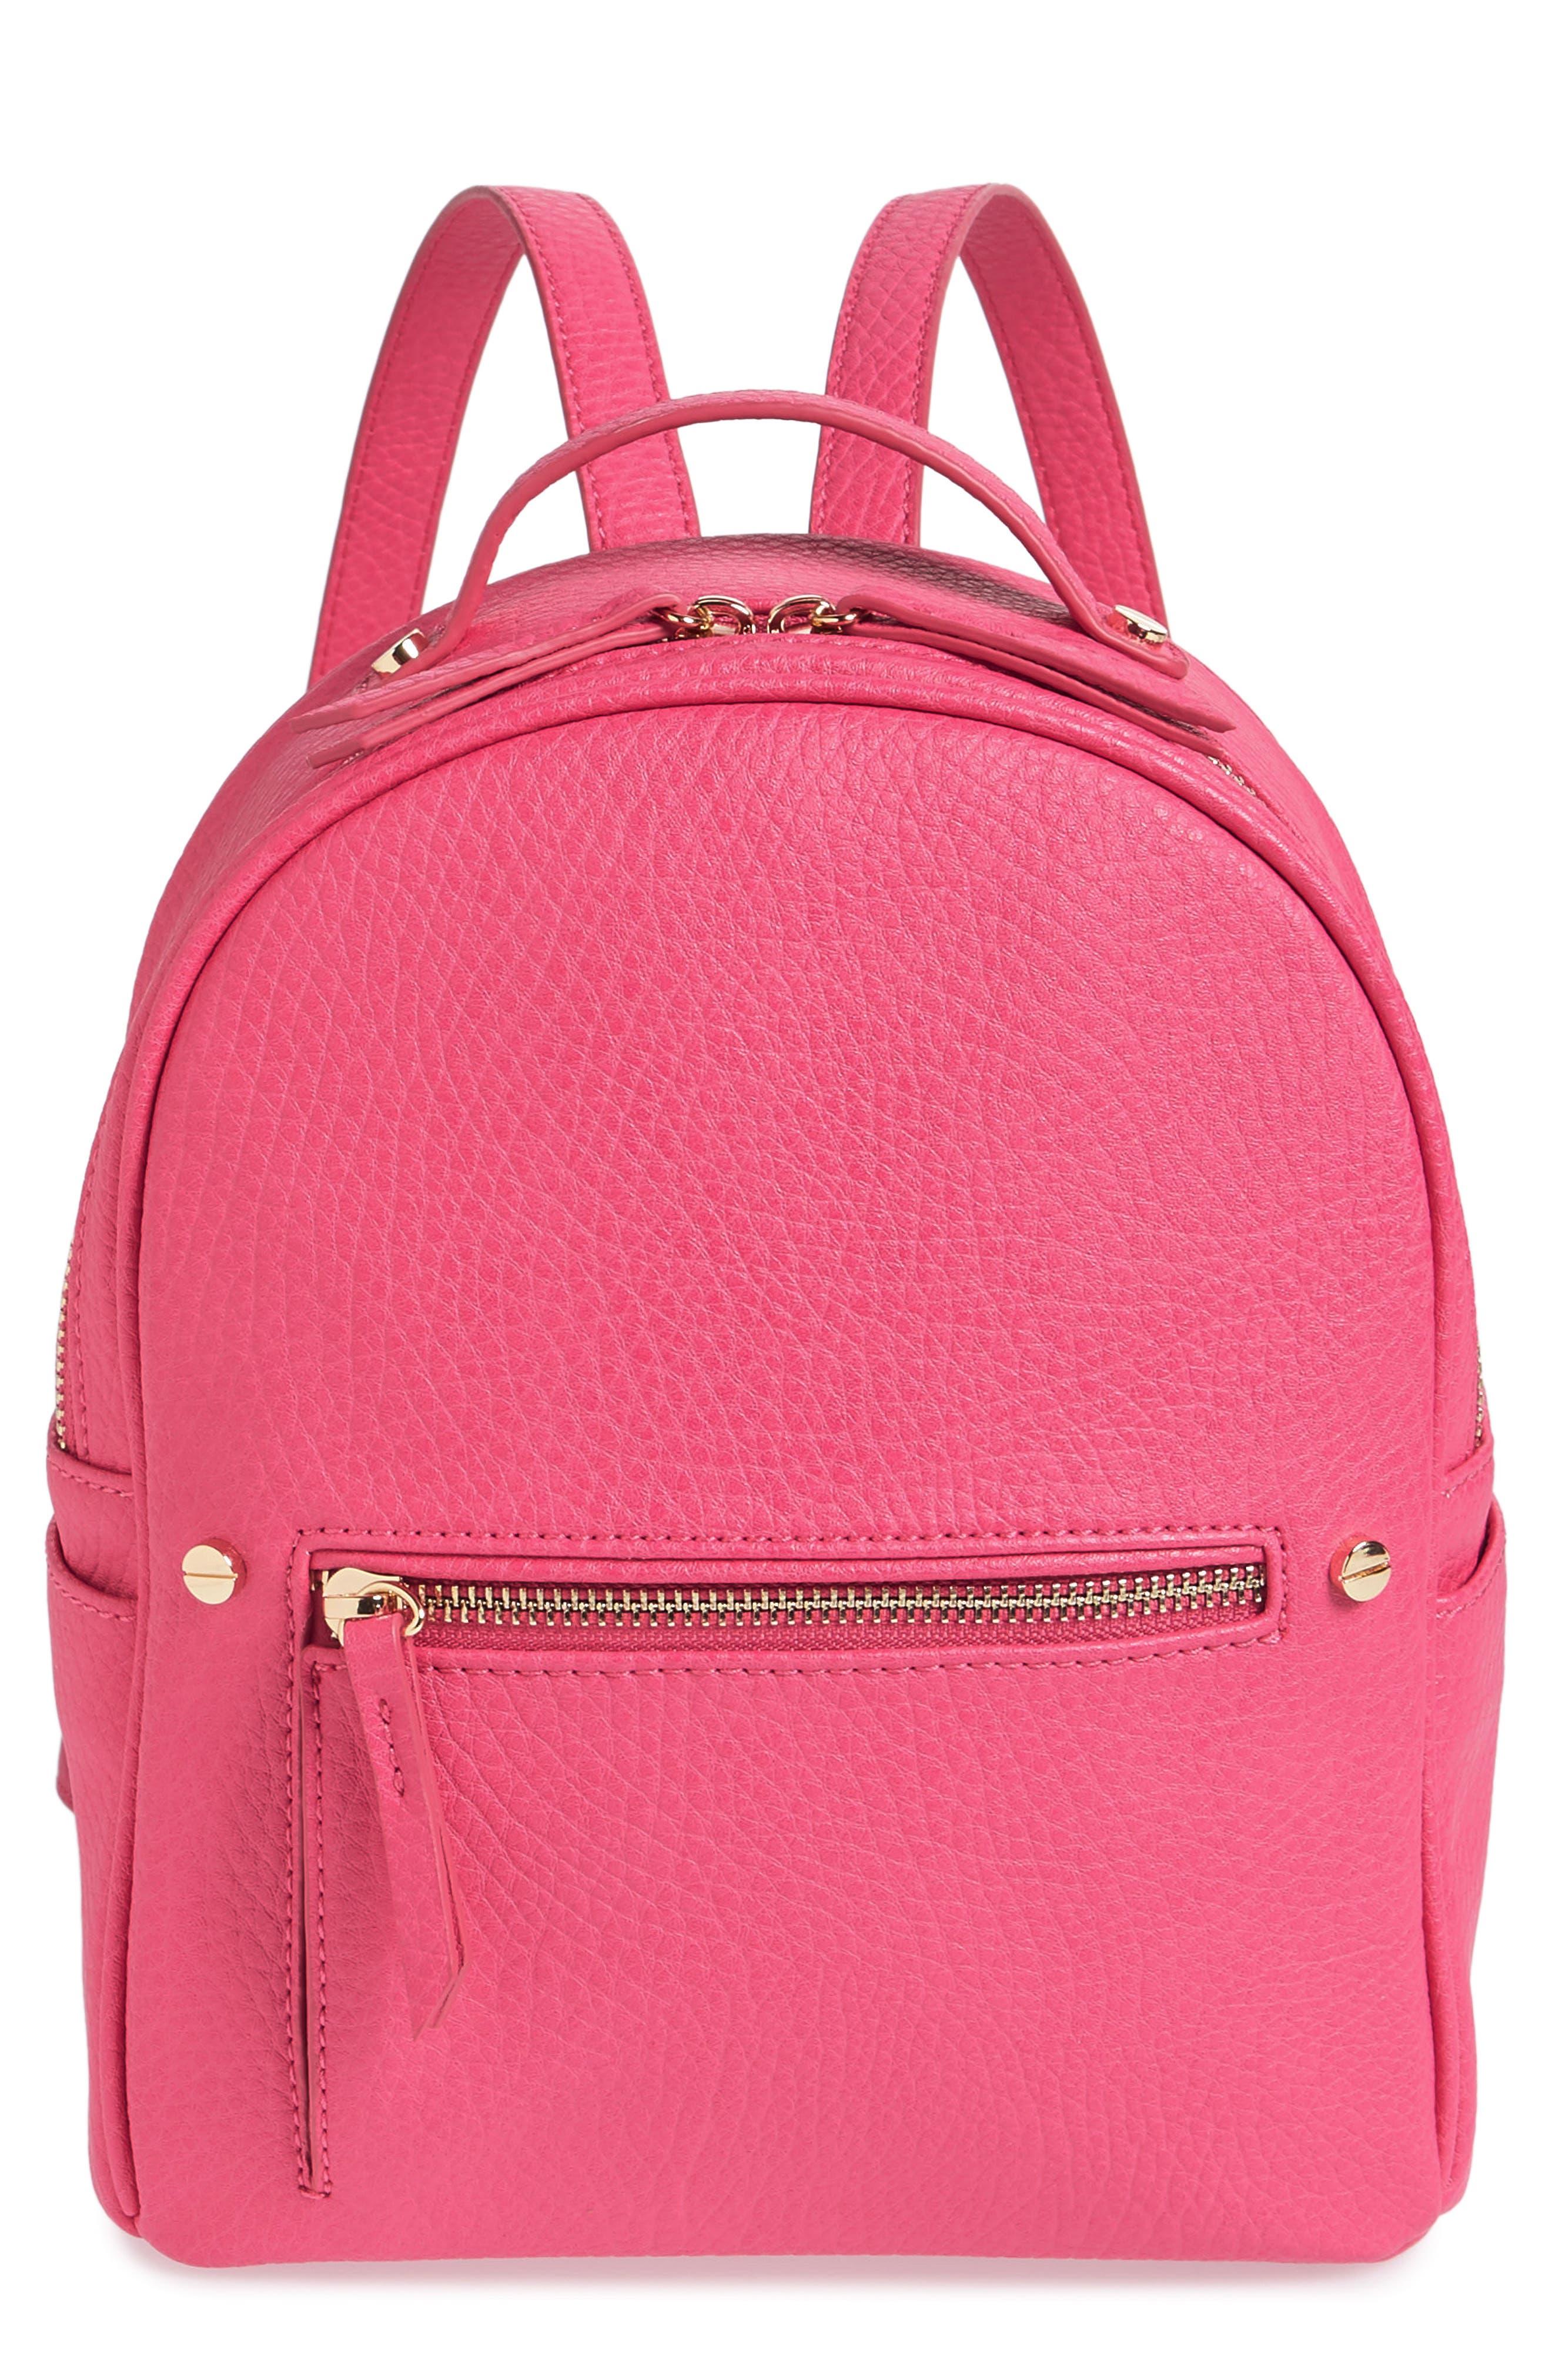 Mali + Lili Hannah Vegan Leather Backpack,                             Main thumbnail 1, color,                             Hot Pink